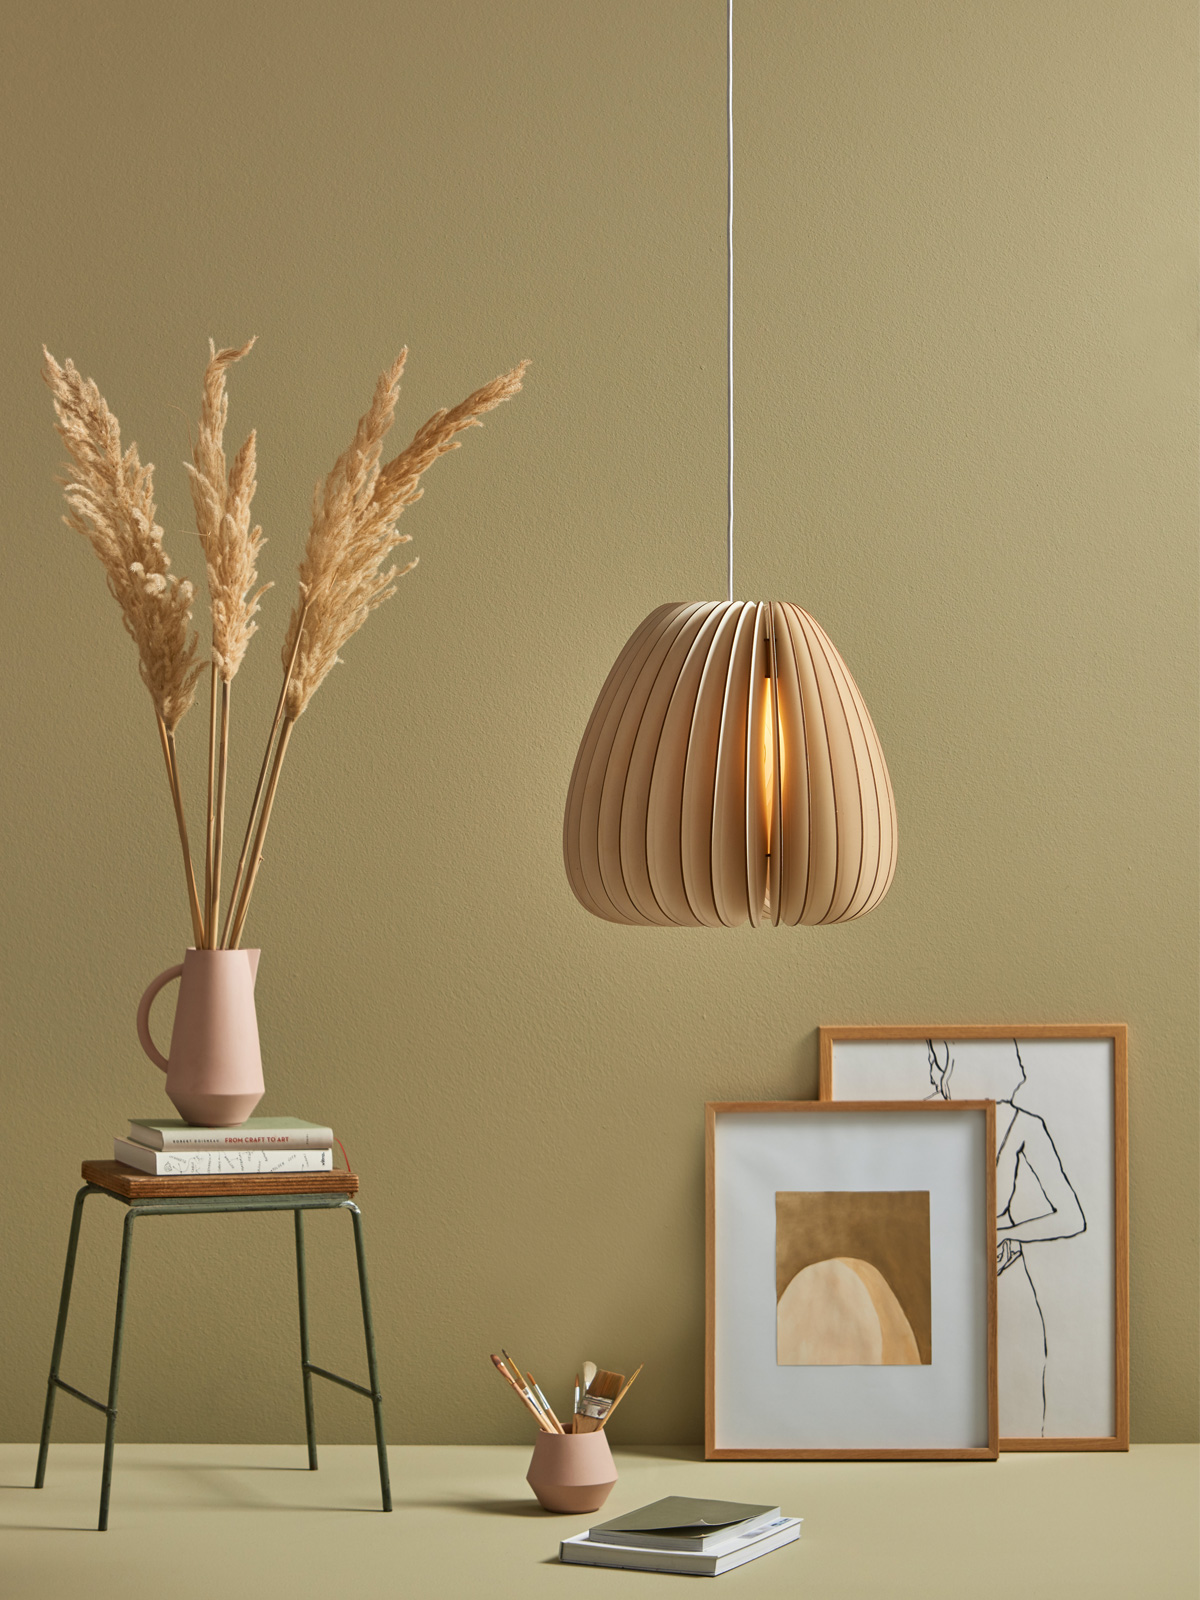 DesignOrt Blog: Holzlampen Volum aus der Serie A von Schneid